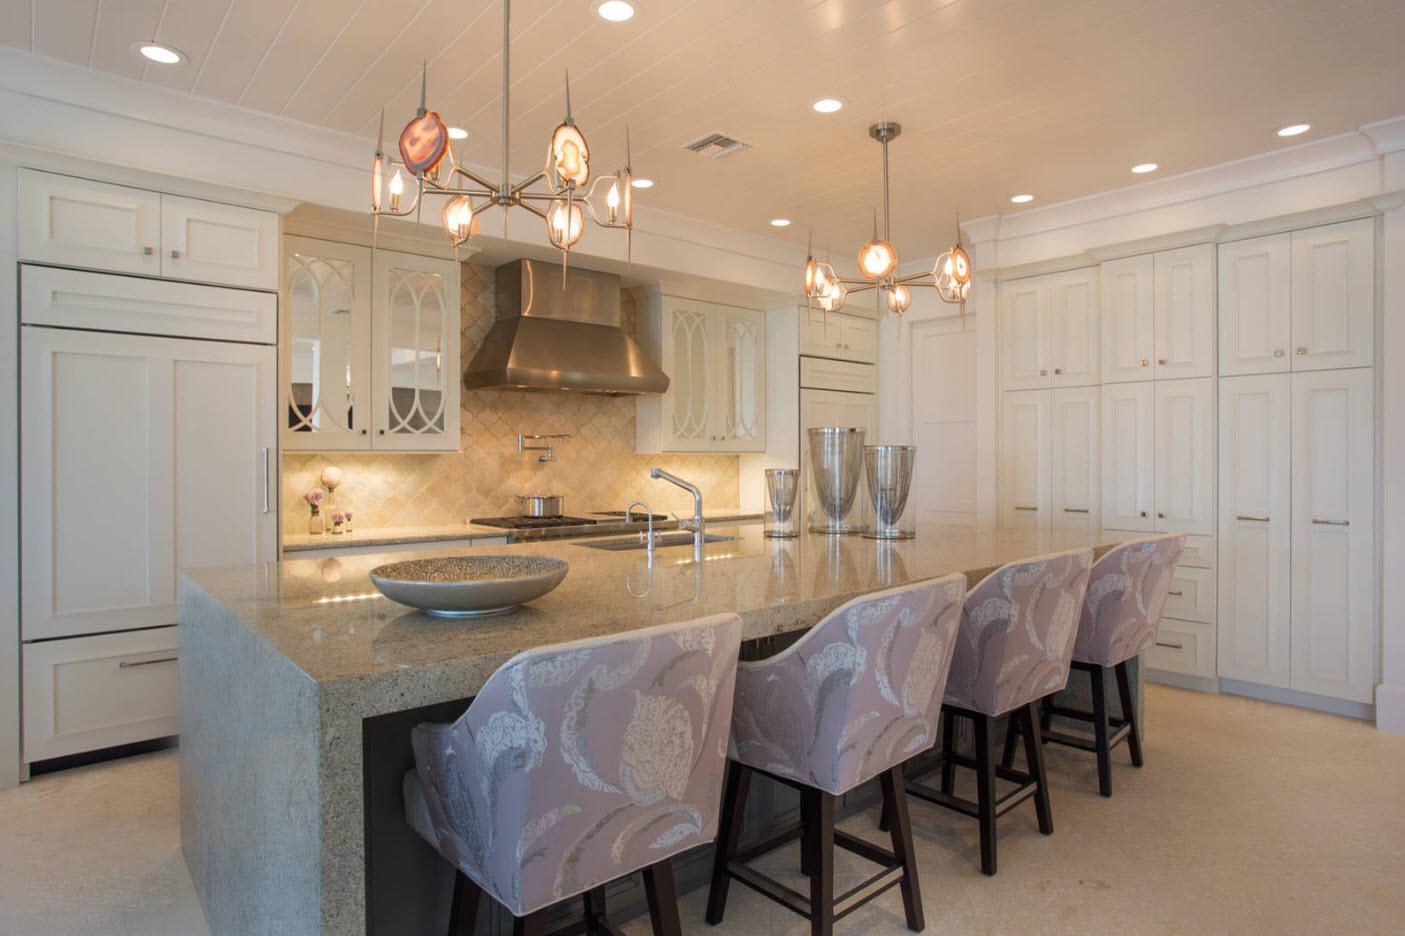 Светлые поверхности просторной кухни